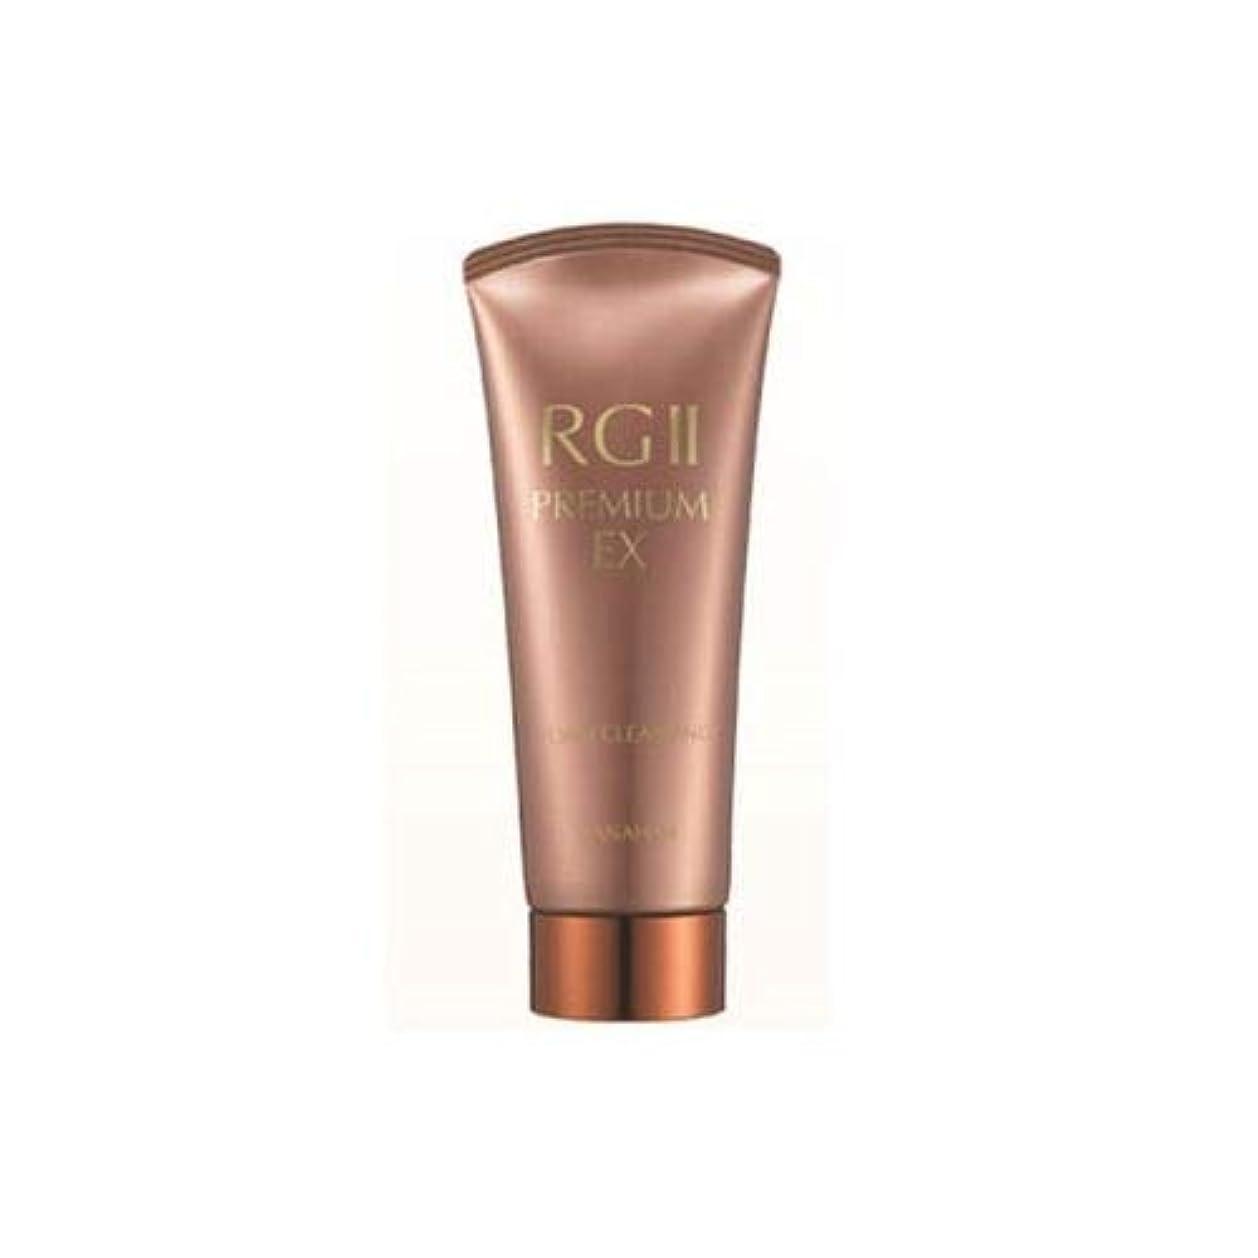 救い知覚するレパートリーDanahan RGll Premium EX Foam Cleansing 多娜嫺 (ダナハン) RGll プレミアム EX フォームクレンジング 200ml [並行輸入品]